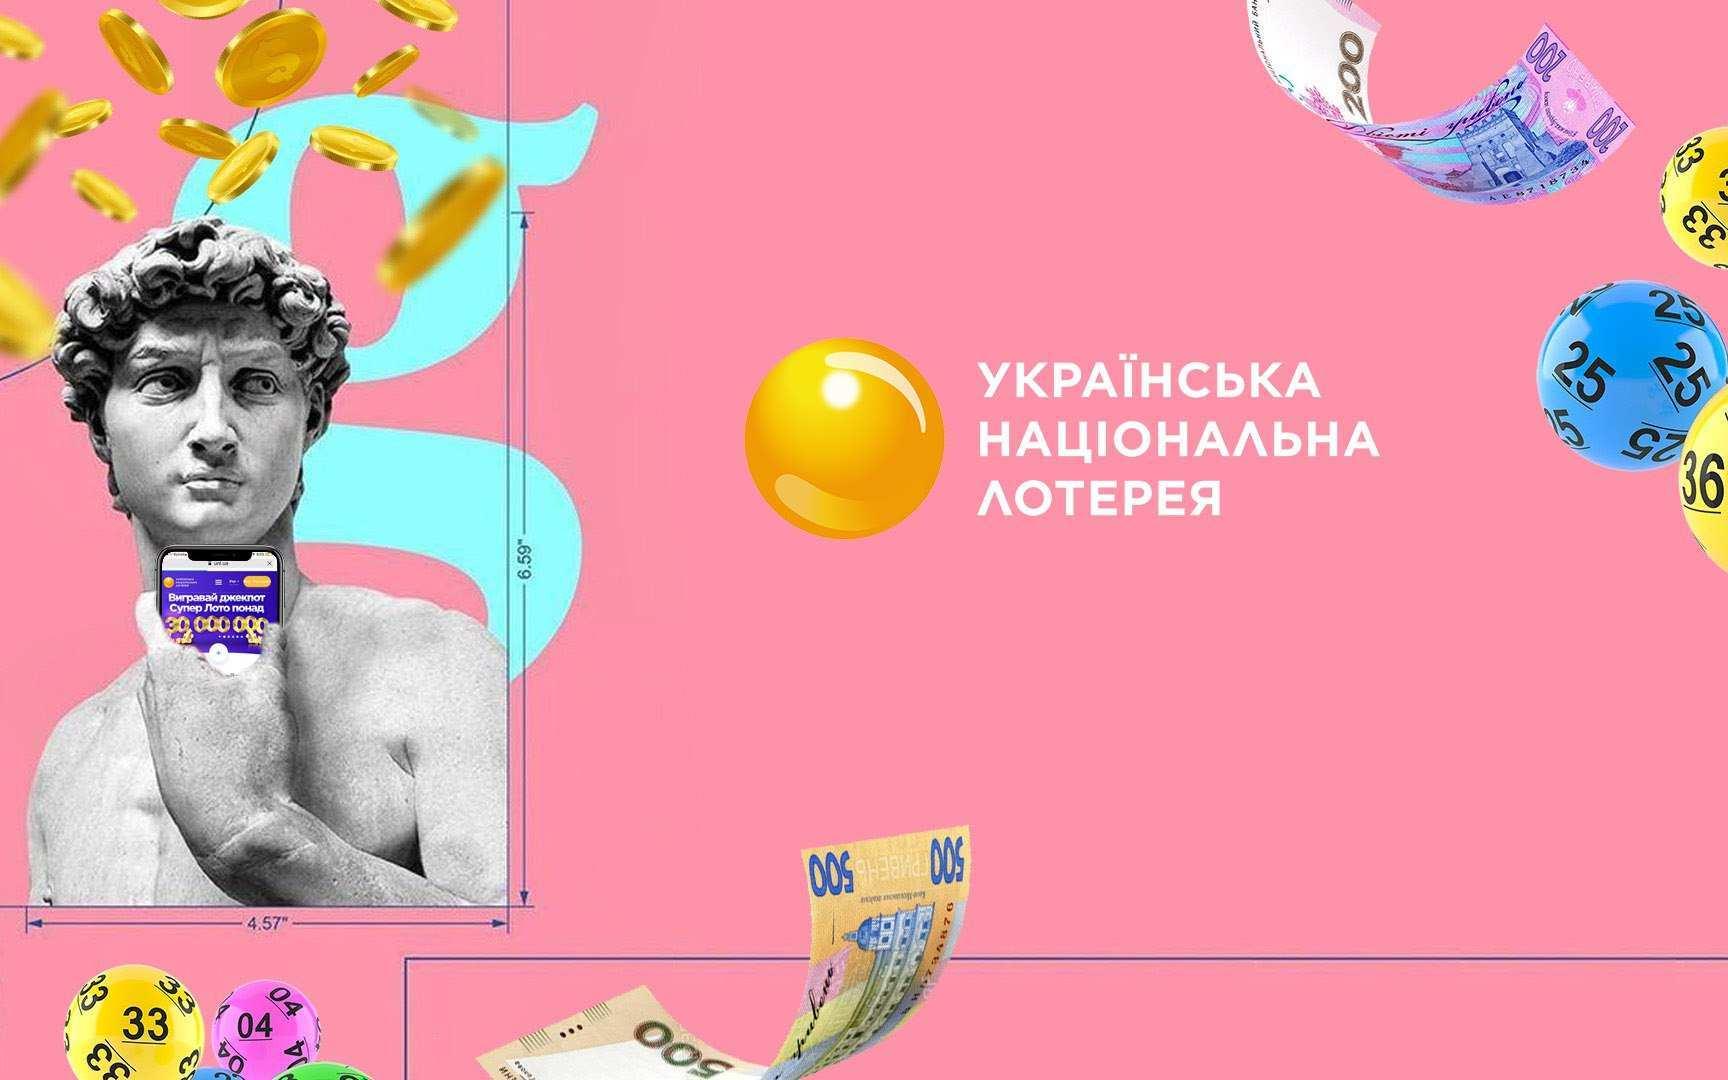 ล็อตโต้ maxim - เว็บไซต์อิสระแห่งแรกของบทวิจารณ์ยูเครน